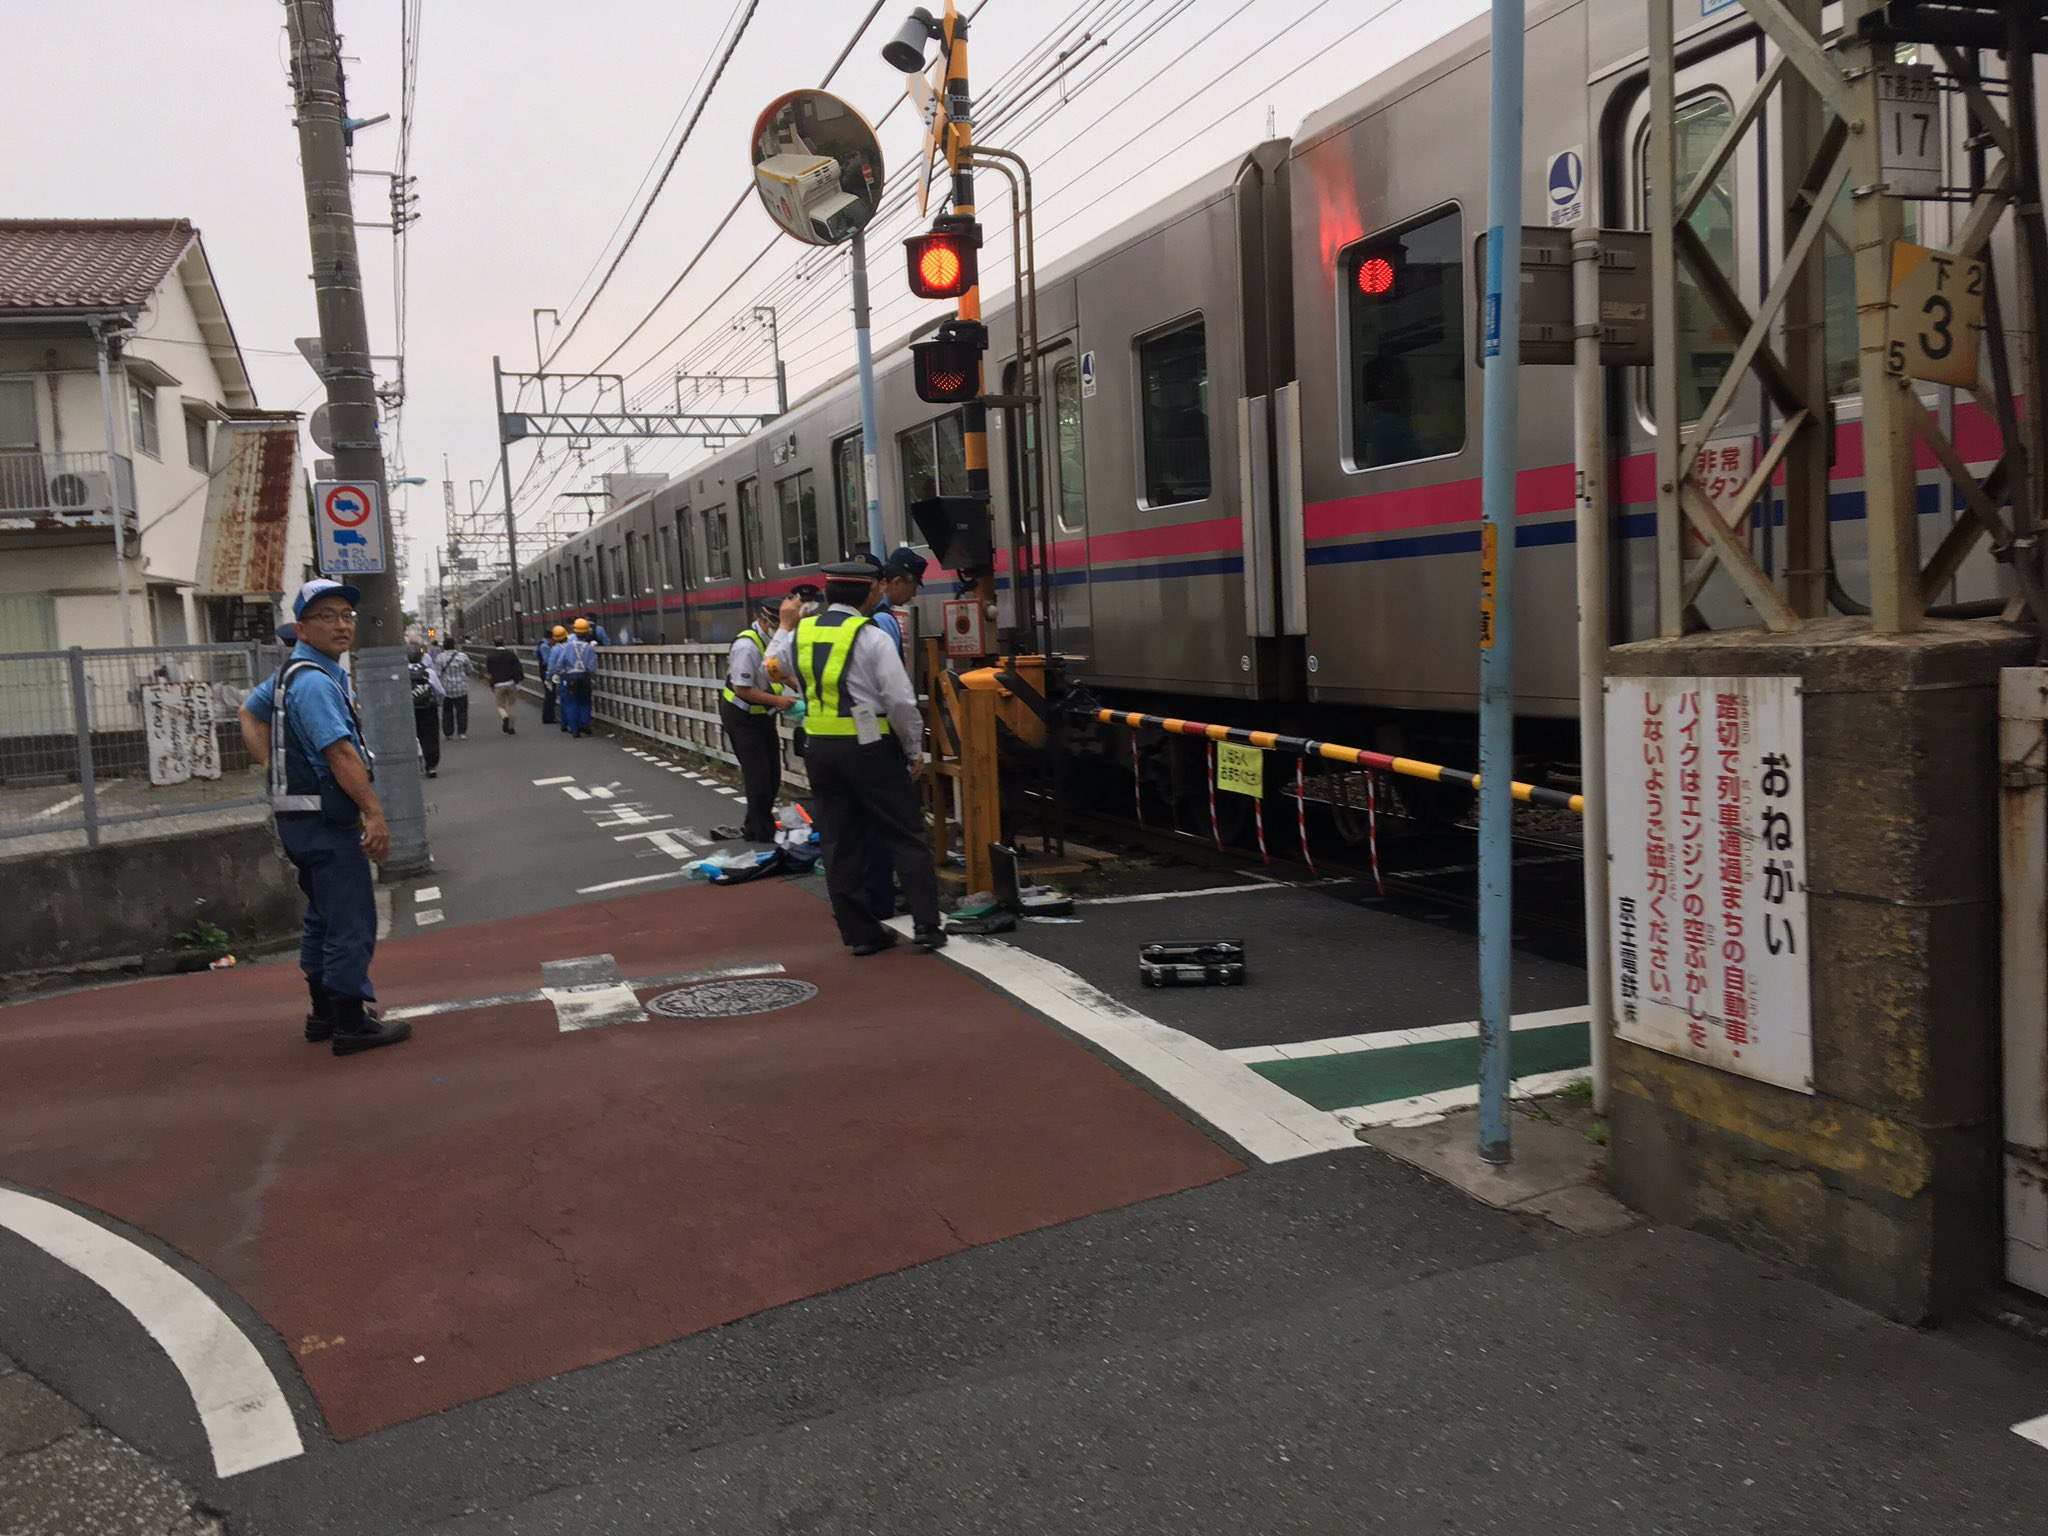 京王線の下高井戸駅~桜上水駅間で人身事故が起きた現場画像